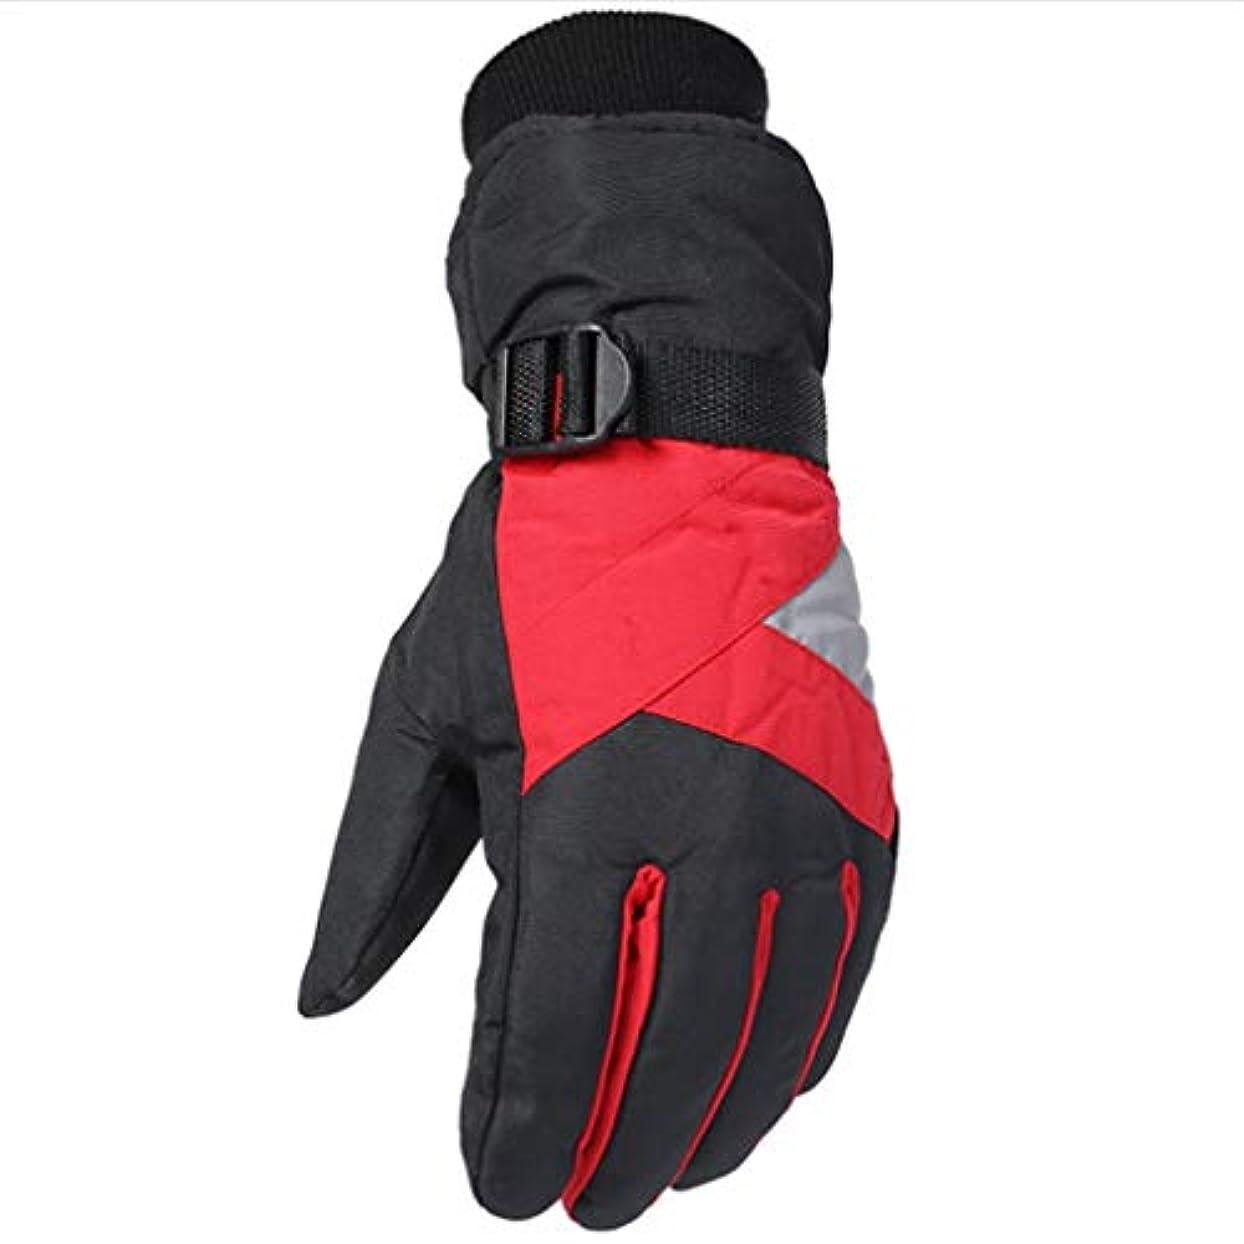 デモンストレーション頭後継手袋の男性の冬プラスベルベット厚手の暖かいスキーグローブは、凍結防止の登山手袋を運転する (色 : Red)